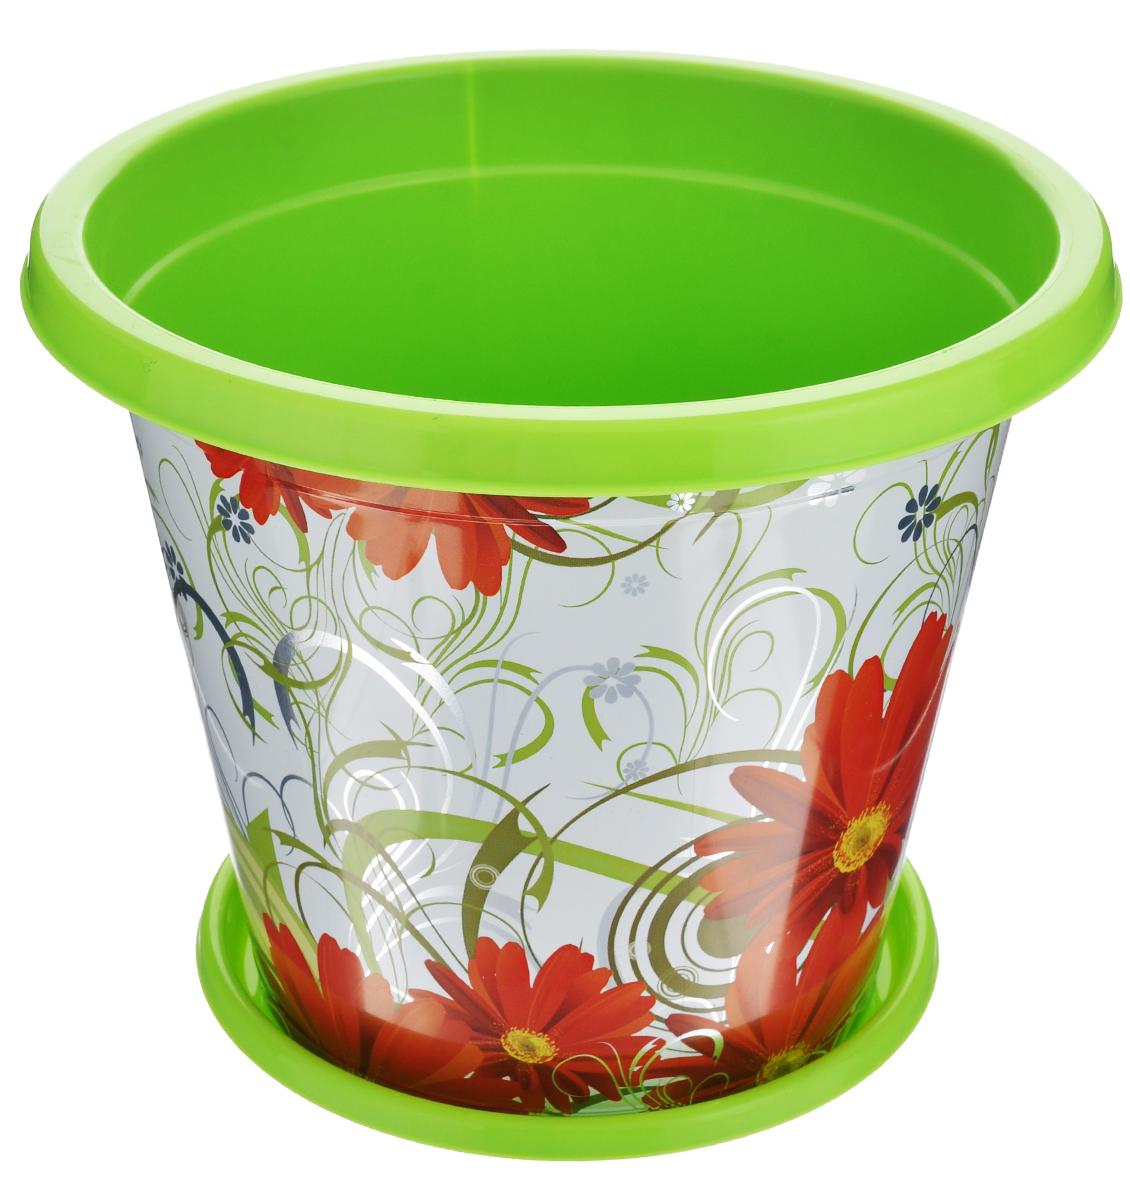 Горшок-кашпо Альтернатива «Сюзанна», с поддоном, цвет: салатовый, красный, 3 л